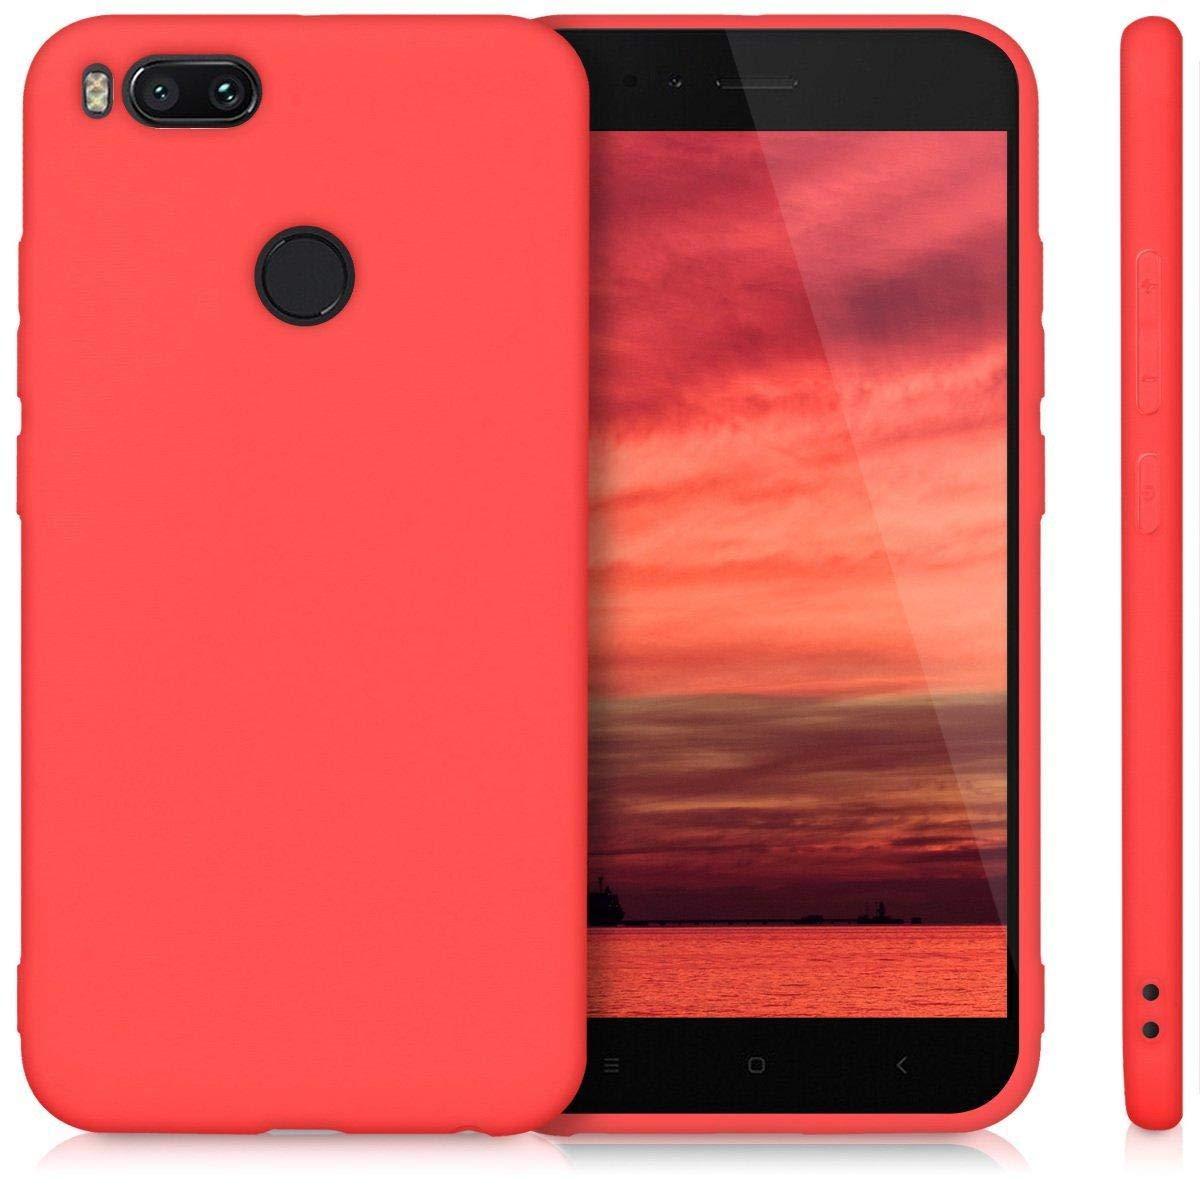 Xiaomi Mi A1 /Mi5X TPU Case cover protector case For Xiaomi Mi A1 /Mi5X  cover-Red